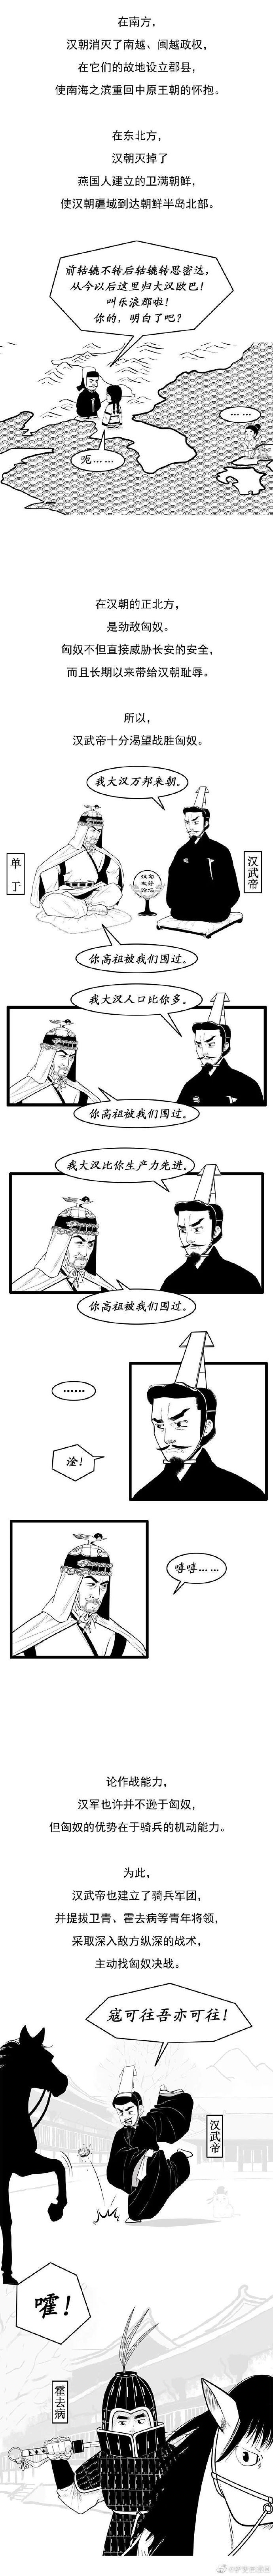 """为什么说""""明犯强汉者虽远必诛""""?"""